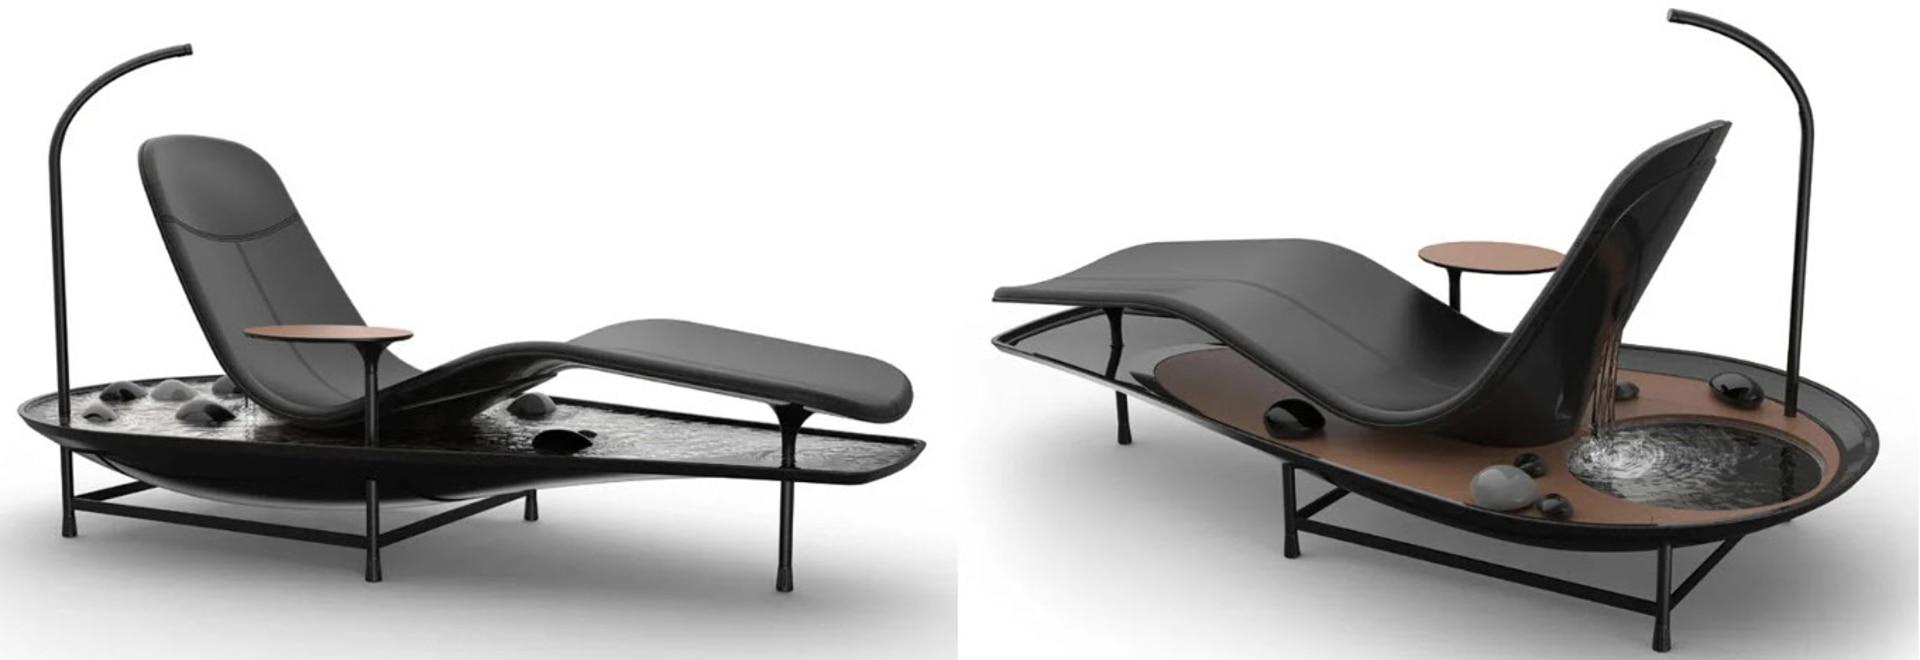 Allongez-vous et détendez-vous dans votre propre jardin zen grâce au concept de chaise longue Dhyan